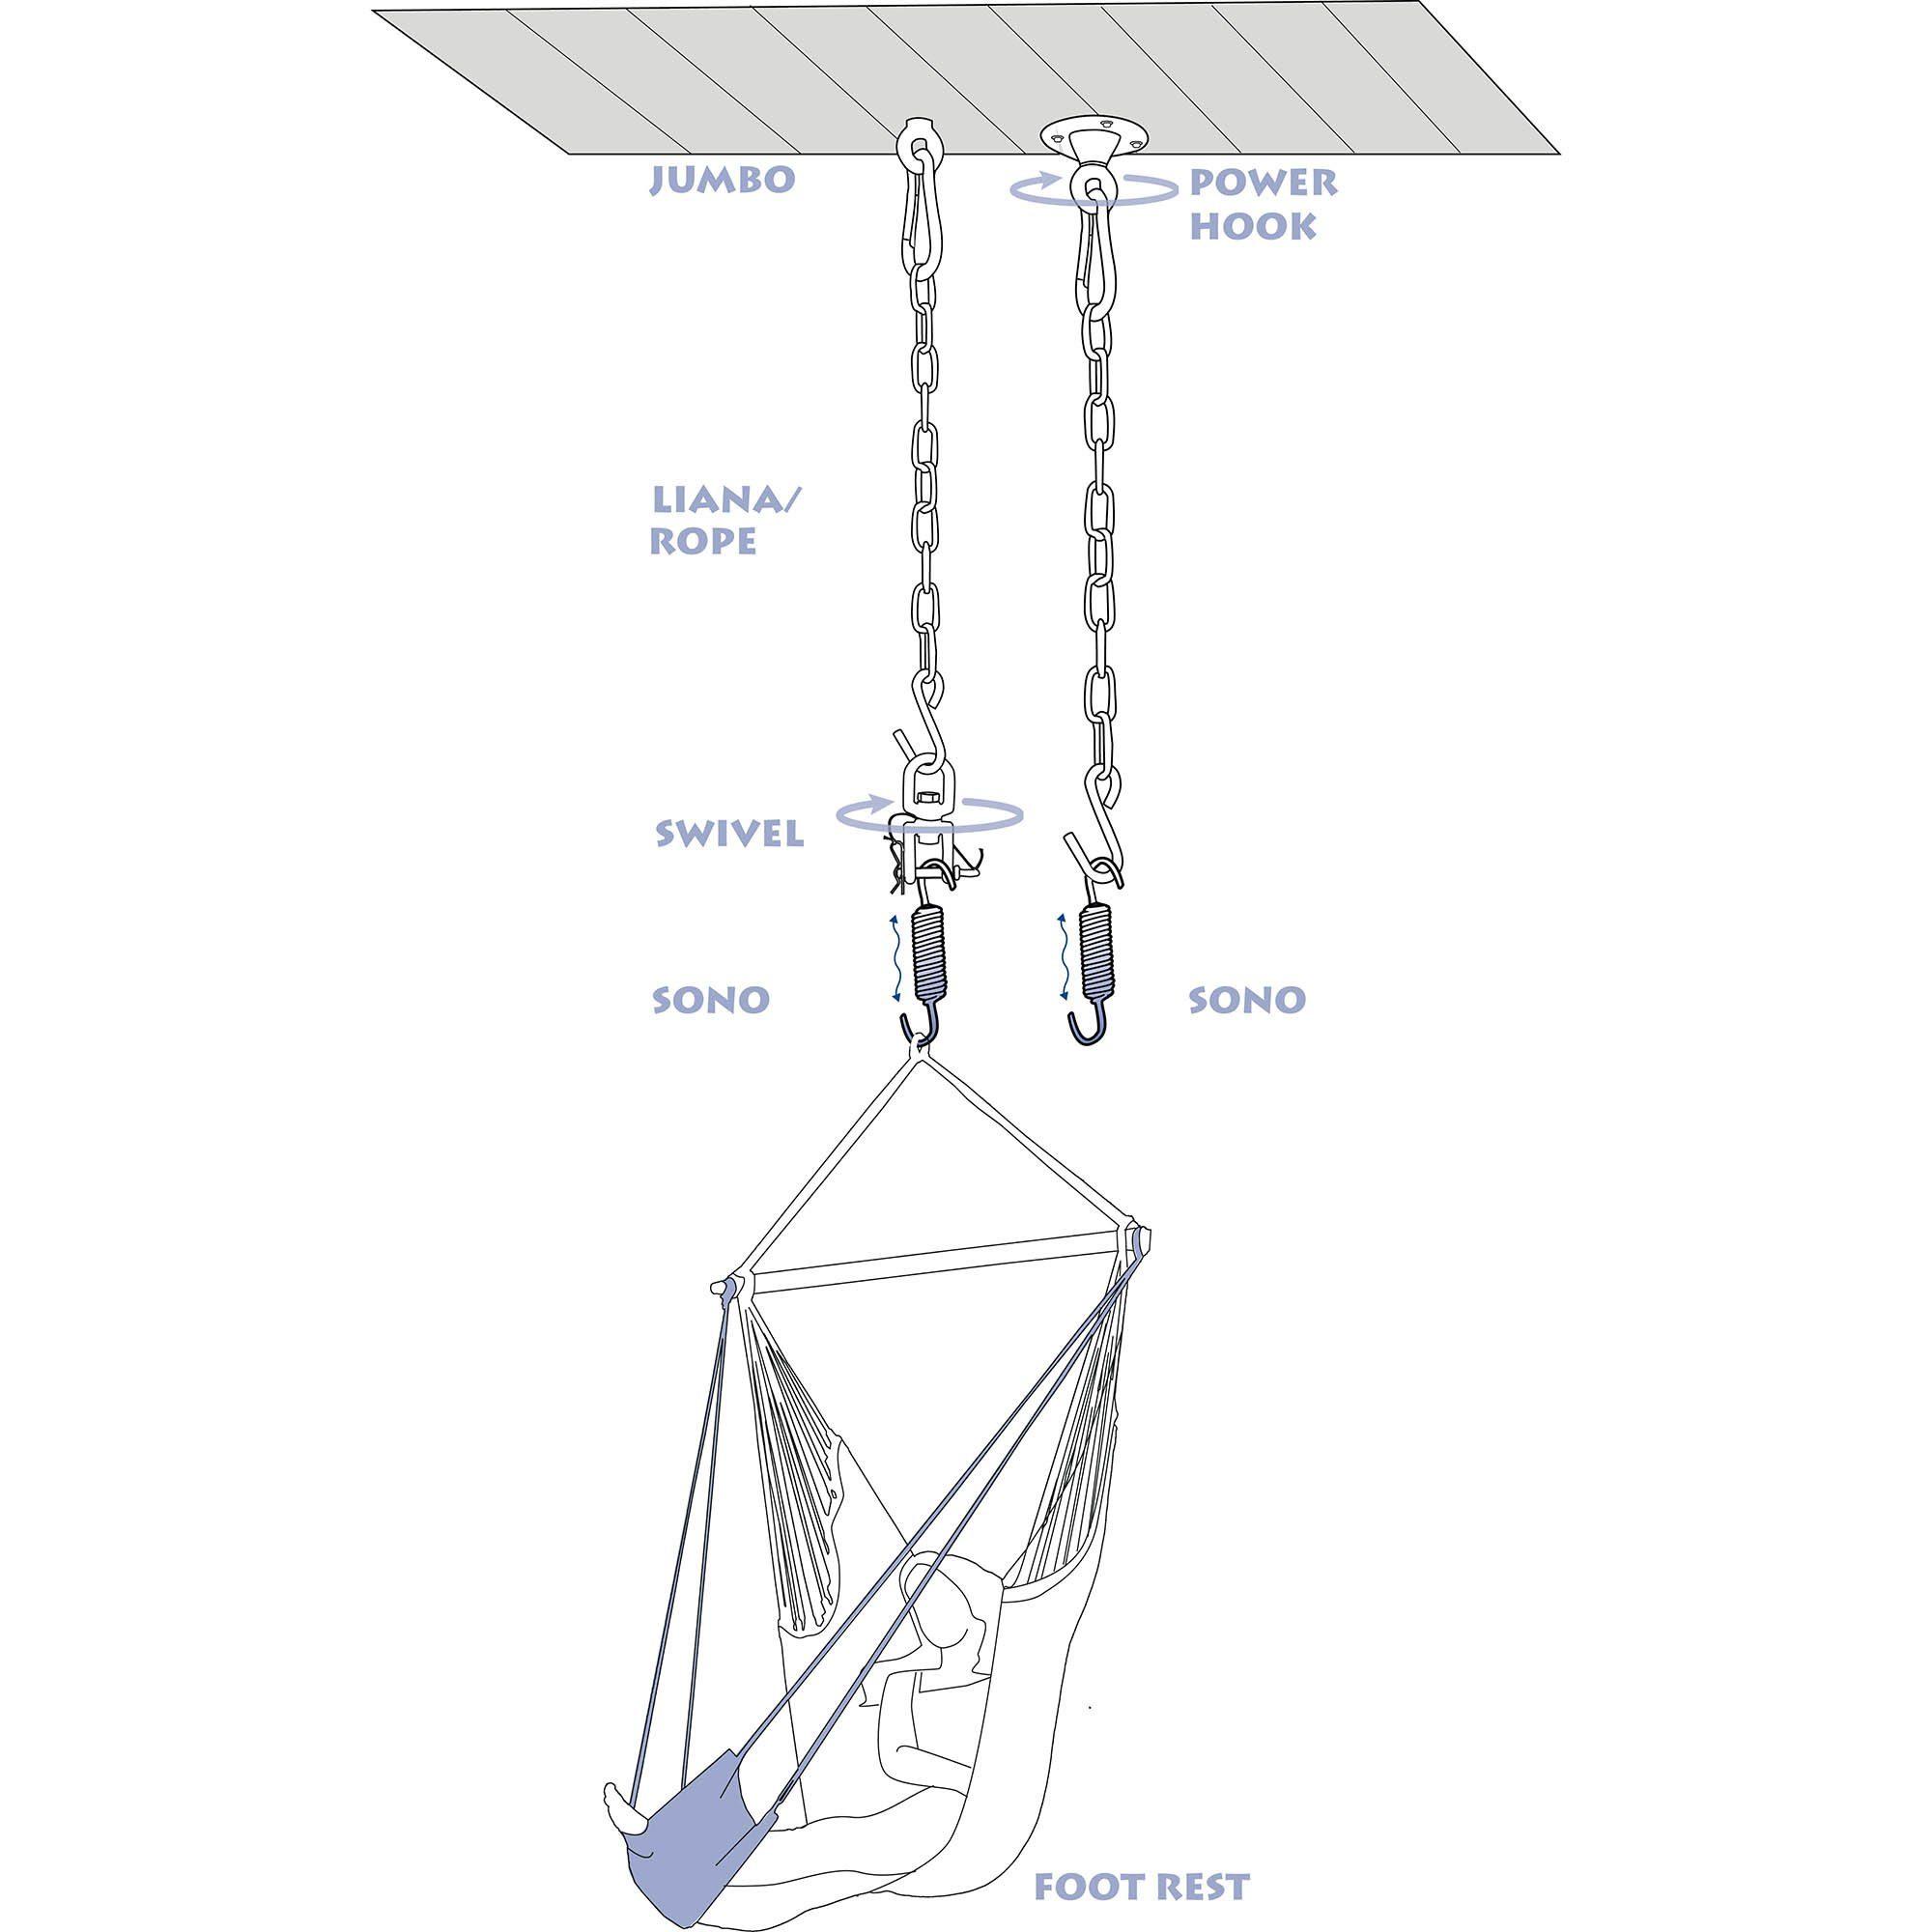 Bild som visar hur en hänggunga från Amazonas kan hängas upp.